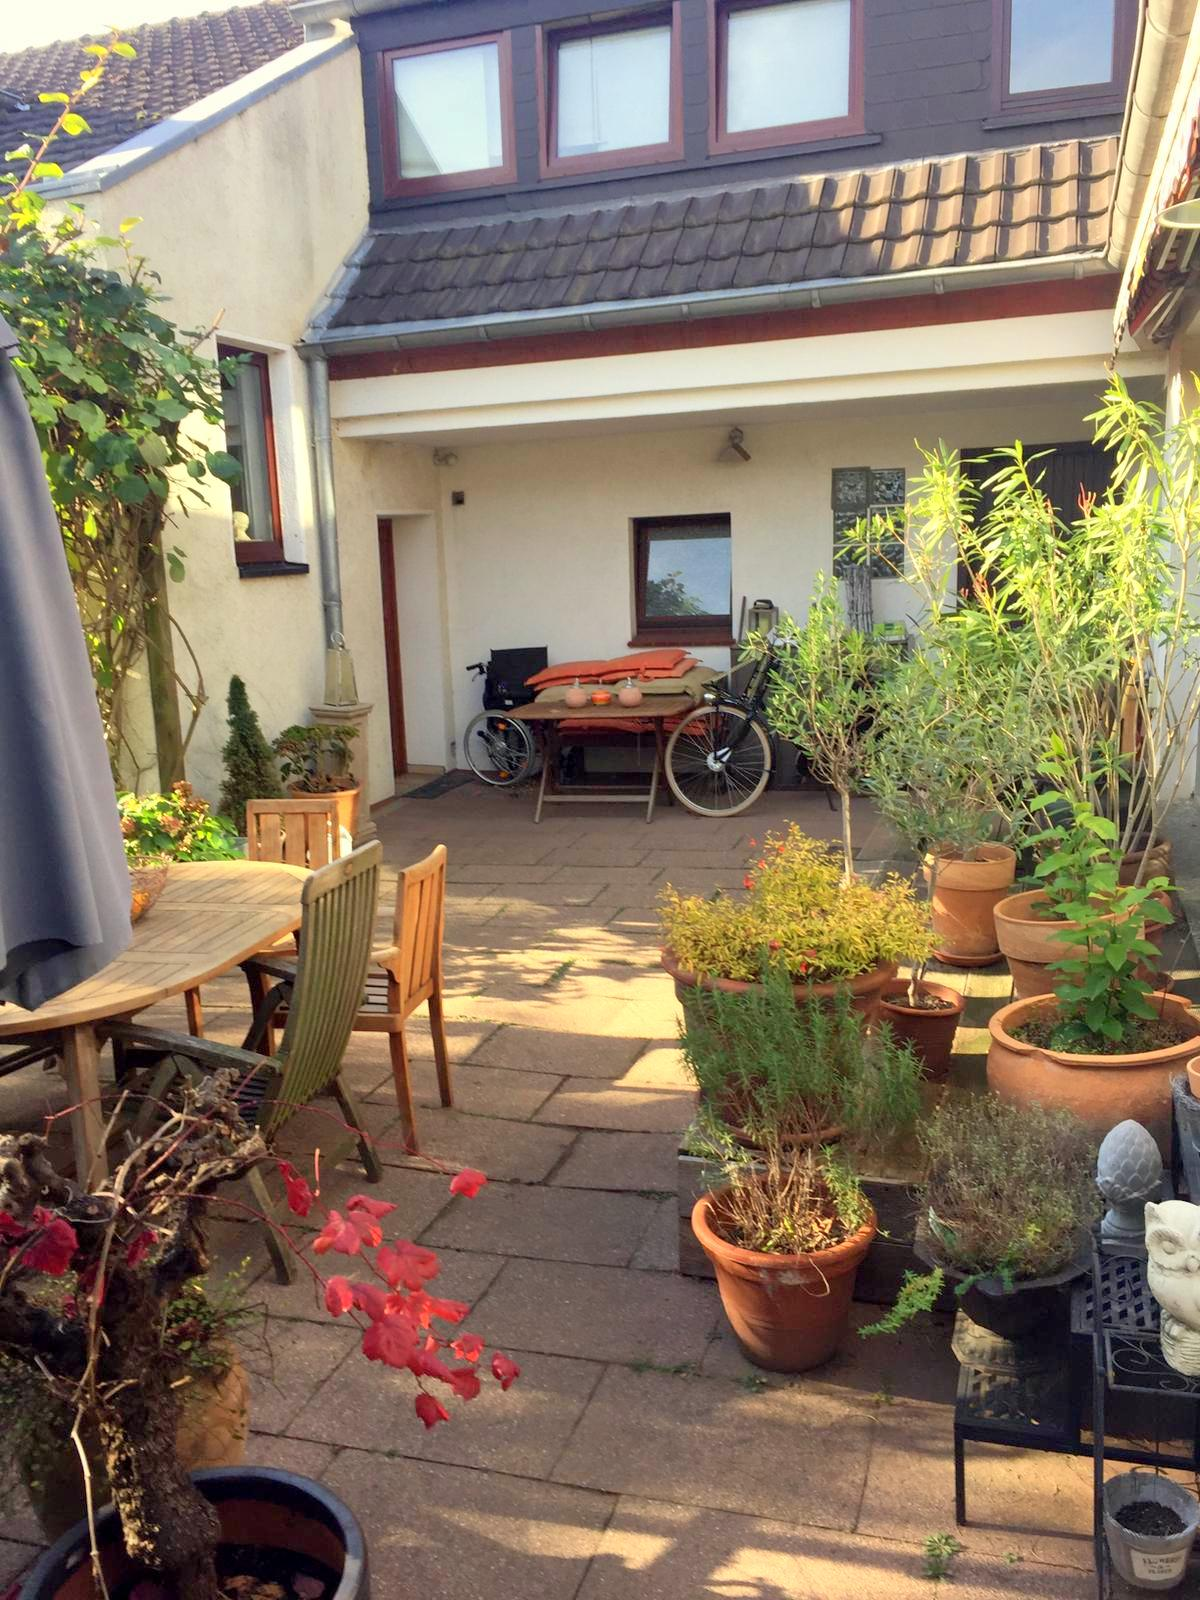 Schone Dhh Mit Anbau U Garten In Sud West Lage 3 Stellpl In Der